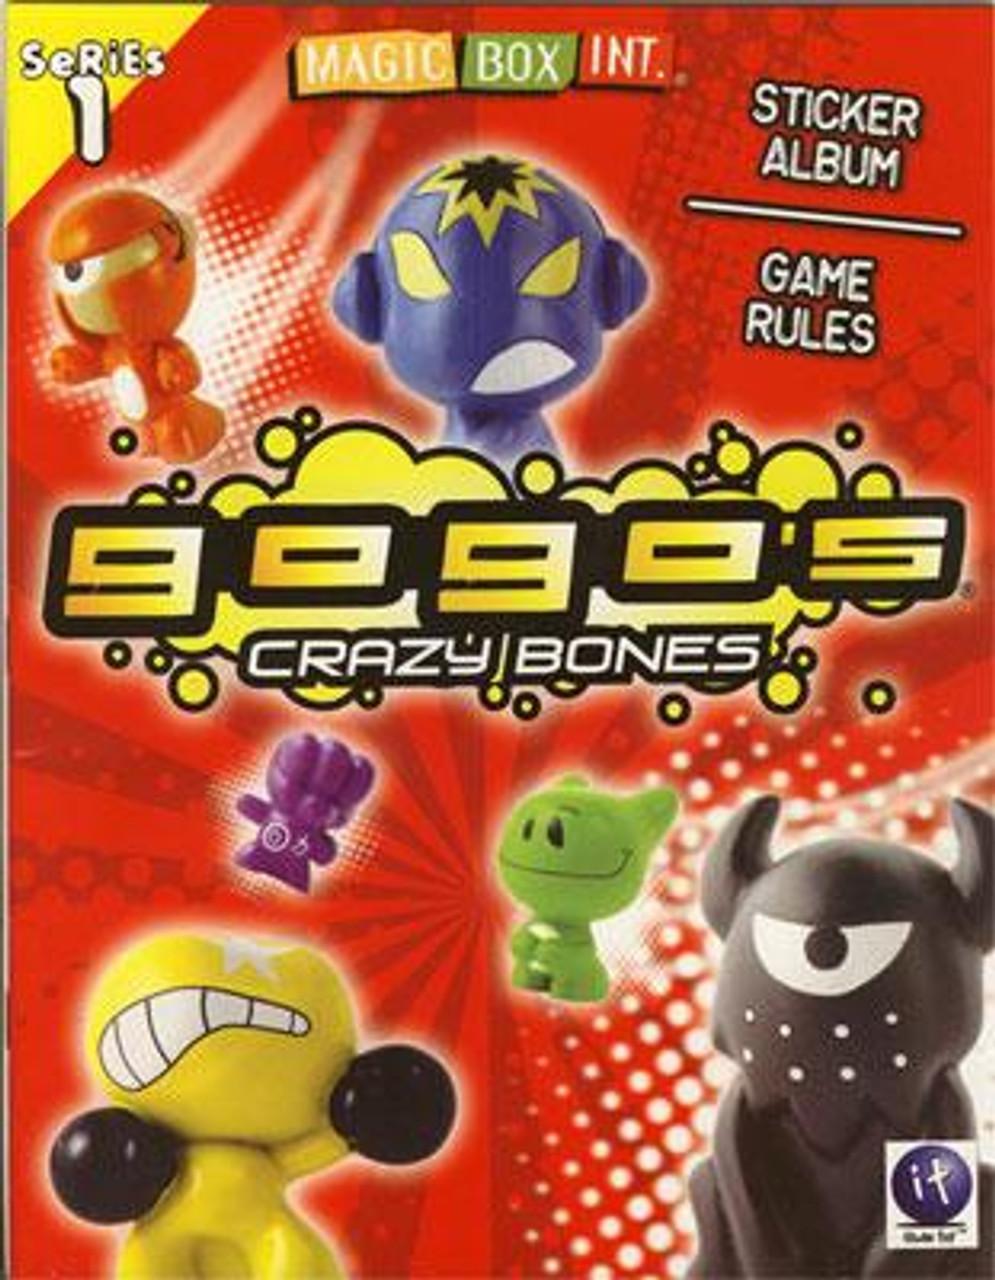 Crazy Bones Gogo's Series 1 Sticker Album